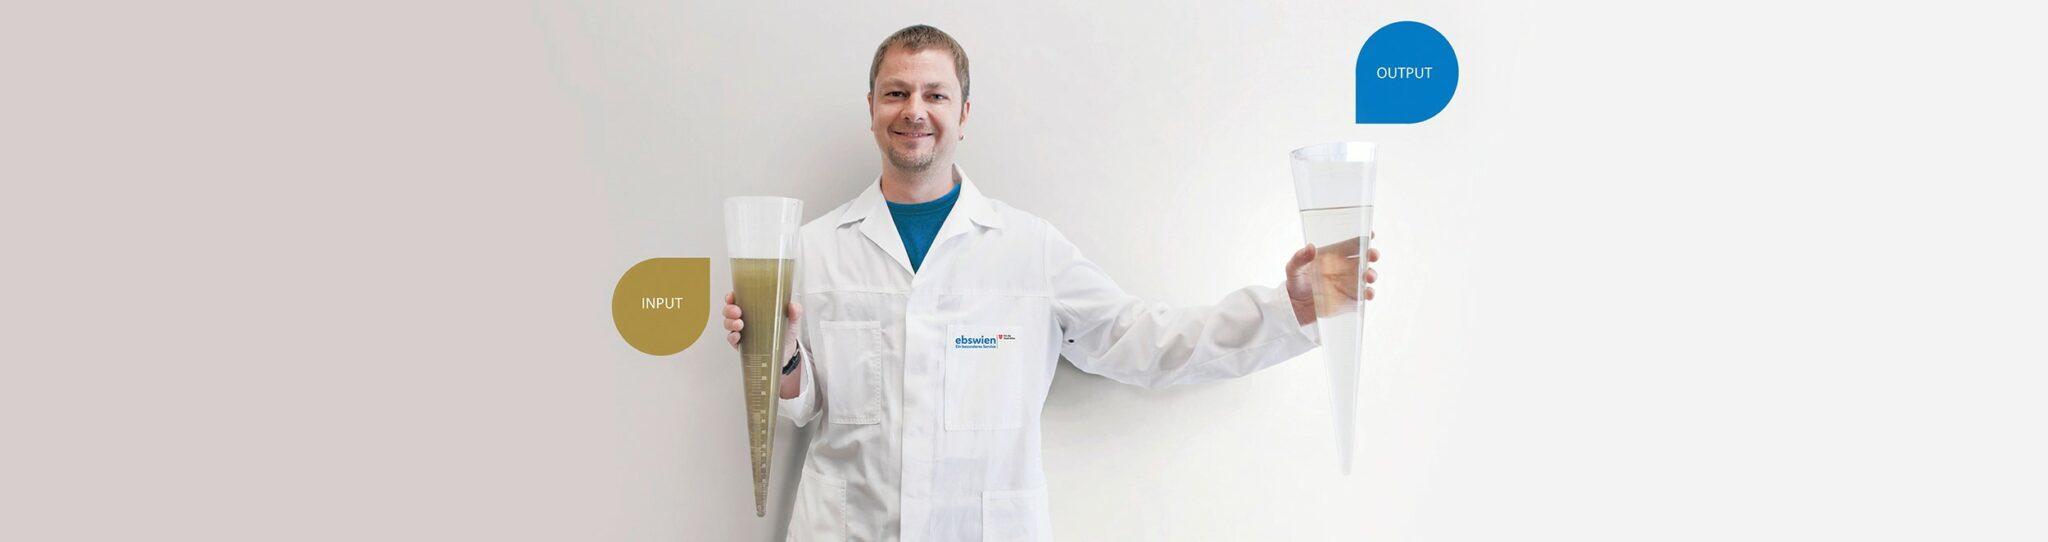 Laborant der ebswien zeigt zwei Imhof-Trichter, von denen je einer mit Rohabwasser und mit gereinigtem Abwasser gefüllt sind. © Christian Houdek